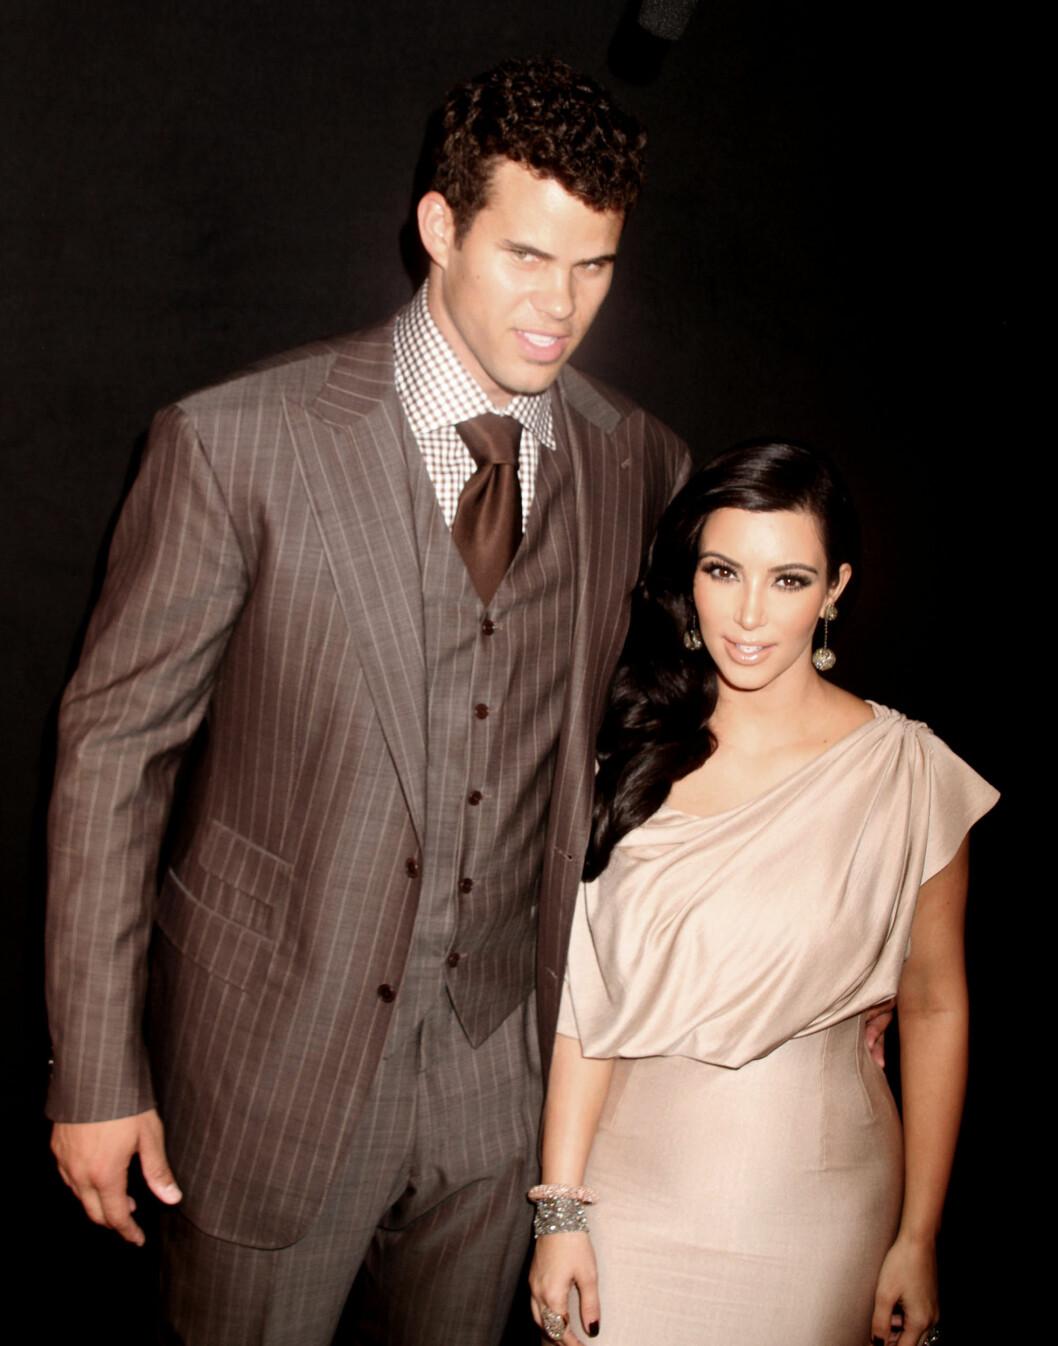 KORT LYKKE: Kims ekteskap med Kris Humphries varte i 72 dager.  Foto: FameFlynet